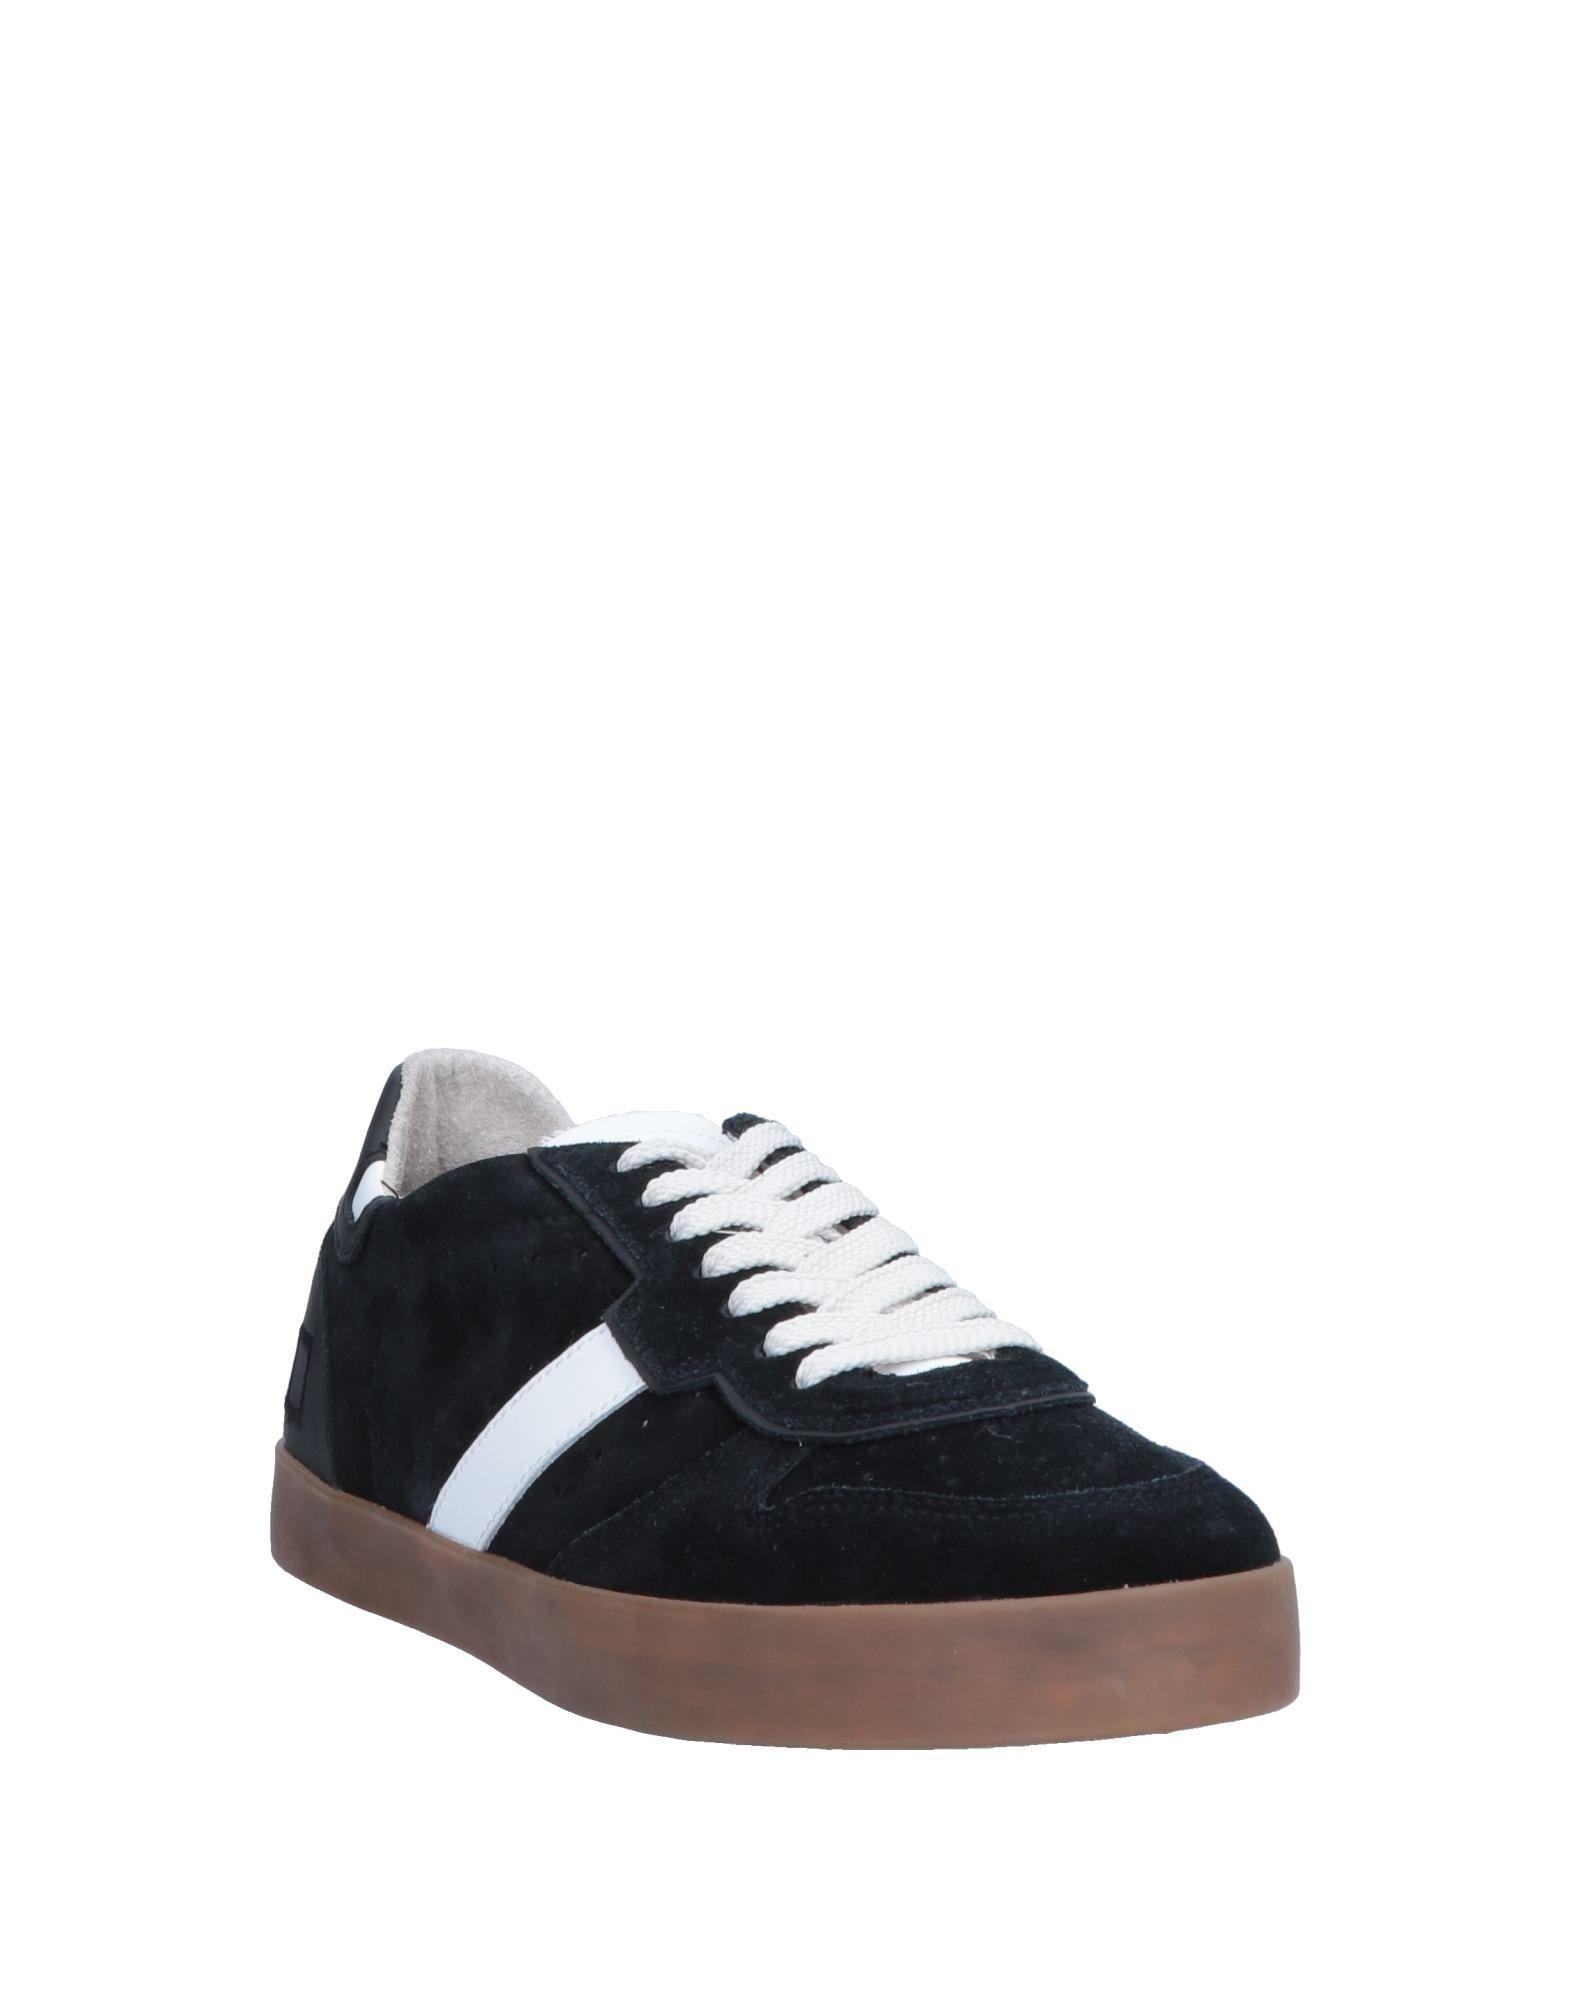 Rabatt Herren echte Schuhe D.A.T.E. Sneakers Herren Rabatt  11556773KE f6eed0